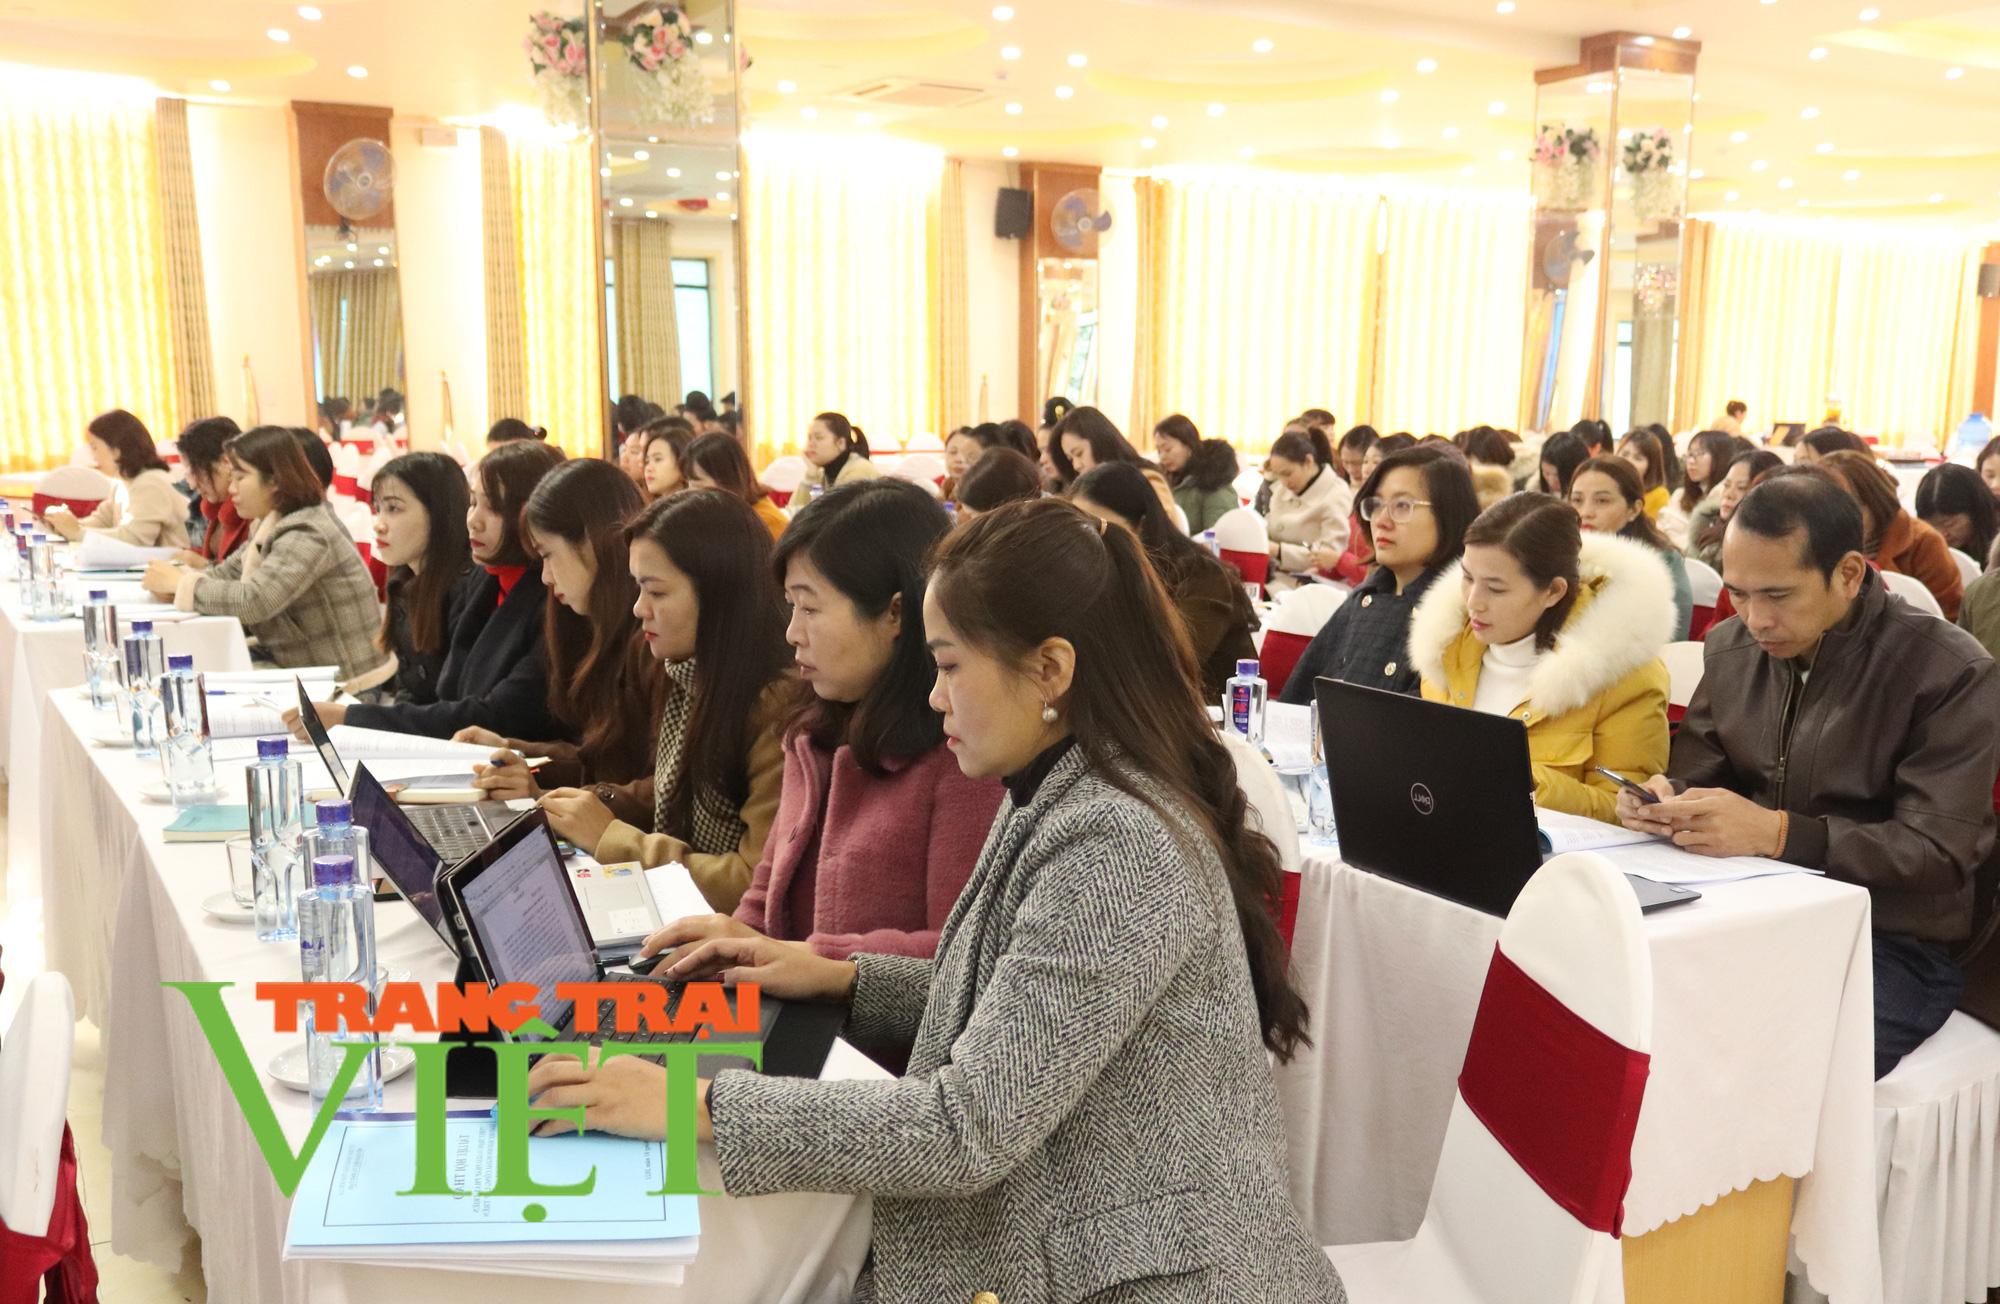 Sơn La: Những đột phá mới trong nâng cao chất lượng giáo dục và đào tạo - Ảnh 3.